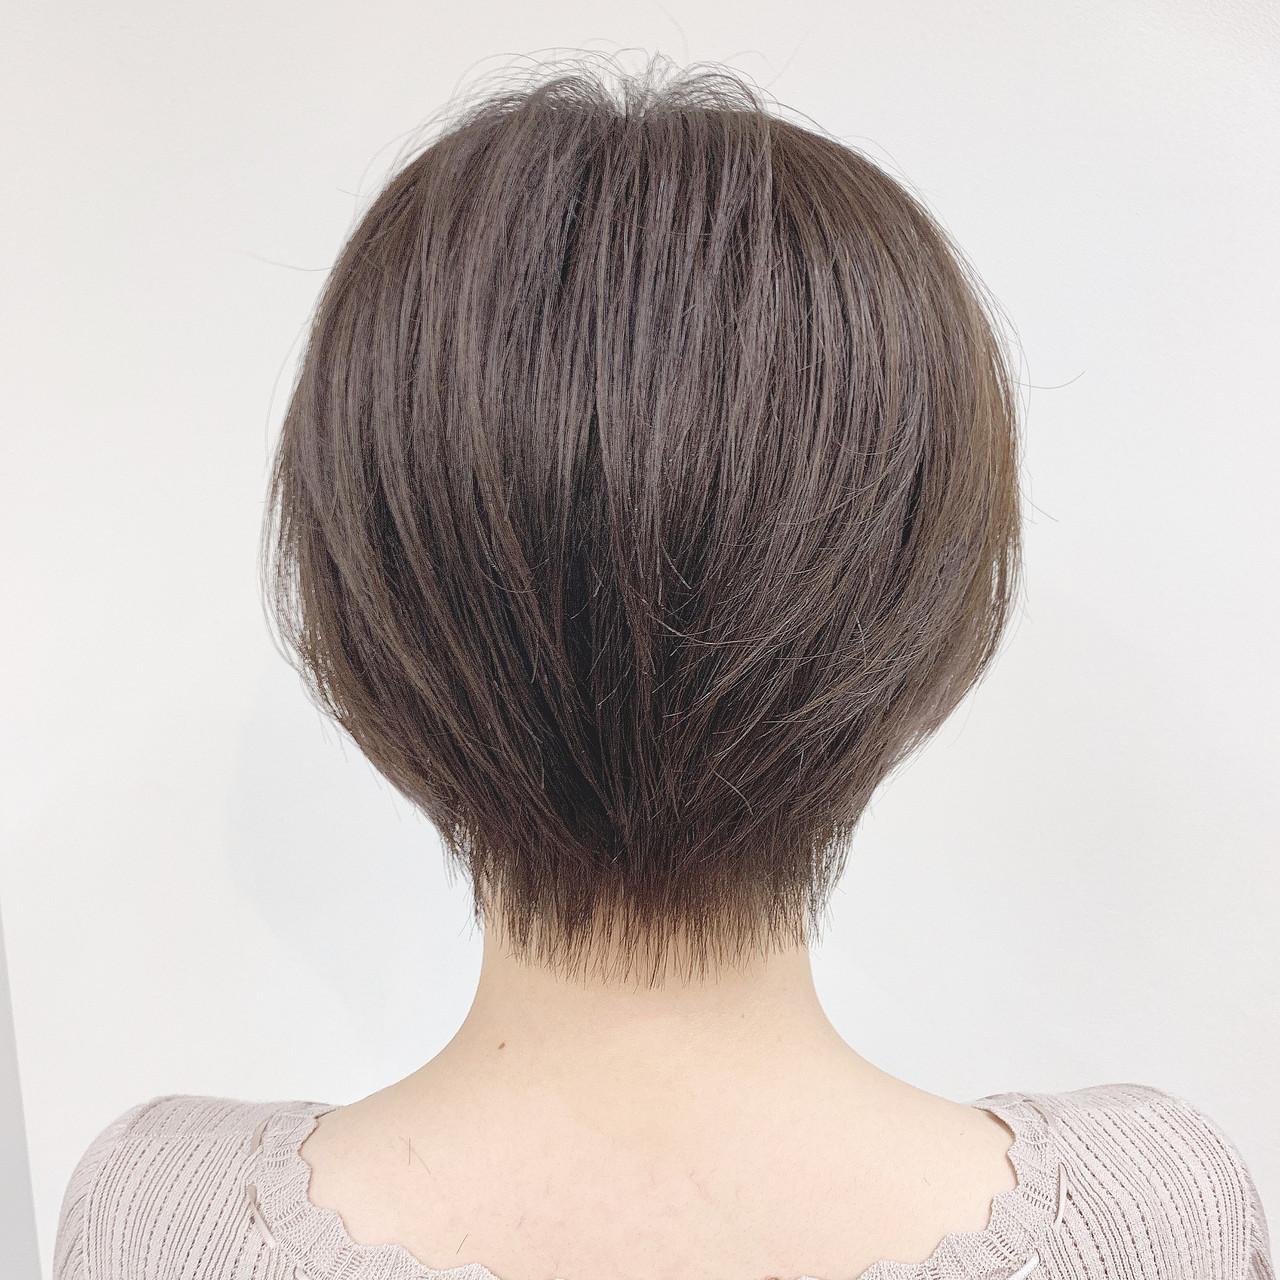 ナチュラル パーマ オフィス ショート ヘアスタイルや髪型の写真・画像 | 阿比留 奨太 【sand】 / sand omotesando